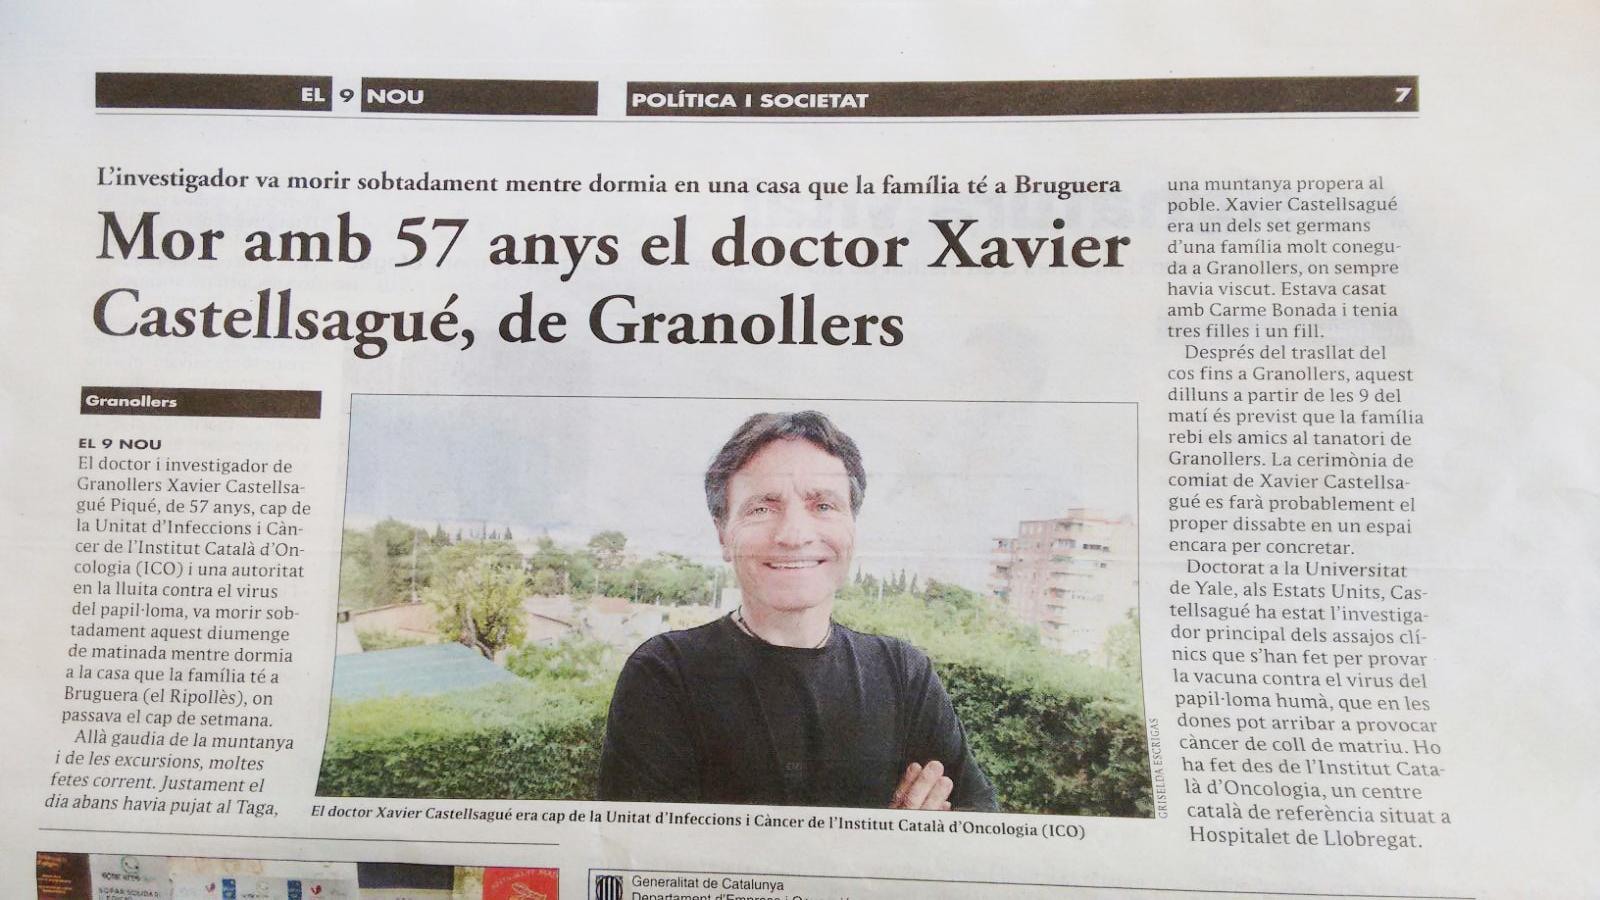 El 9 nou Xavier Castellsagué Piqué